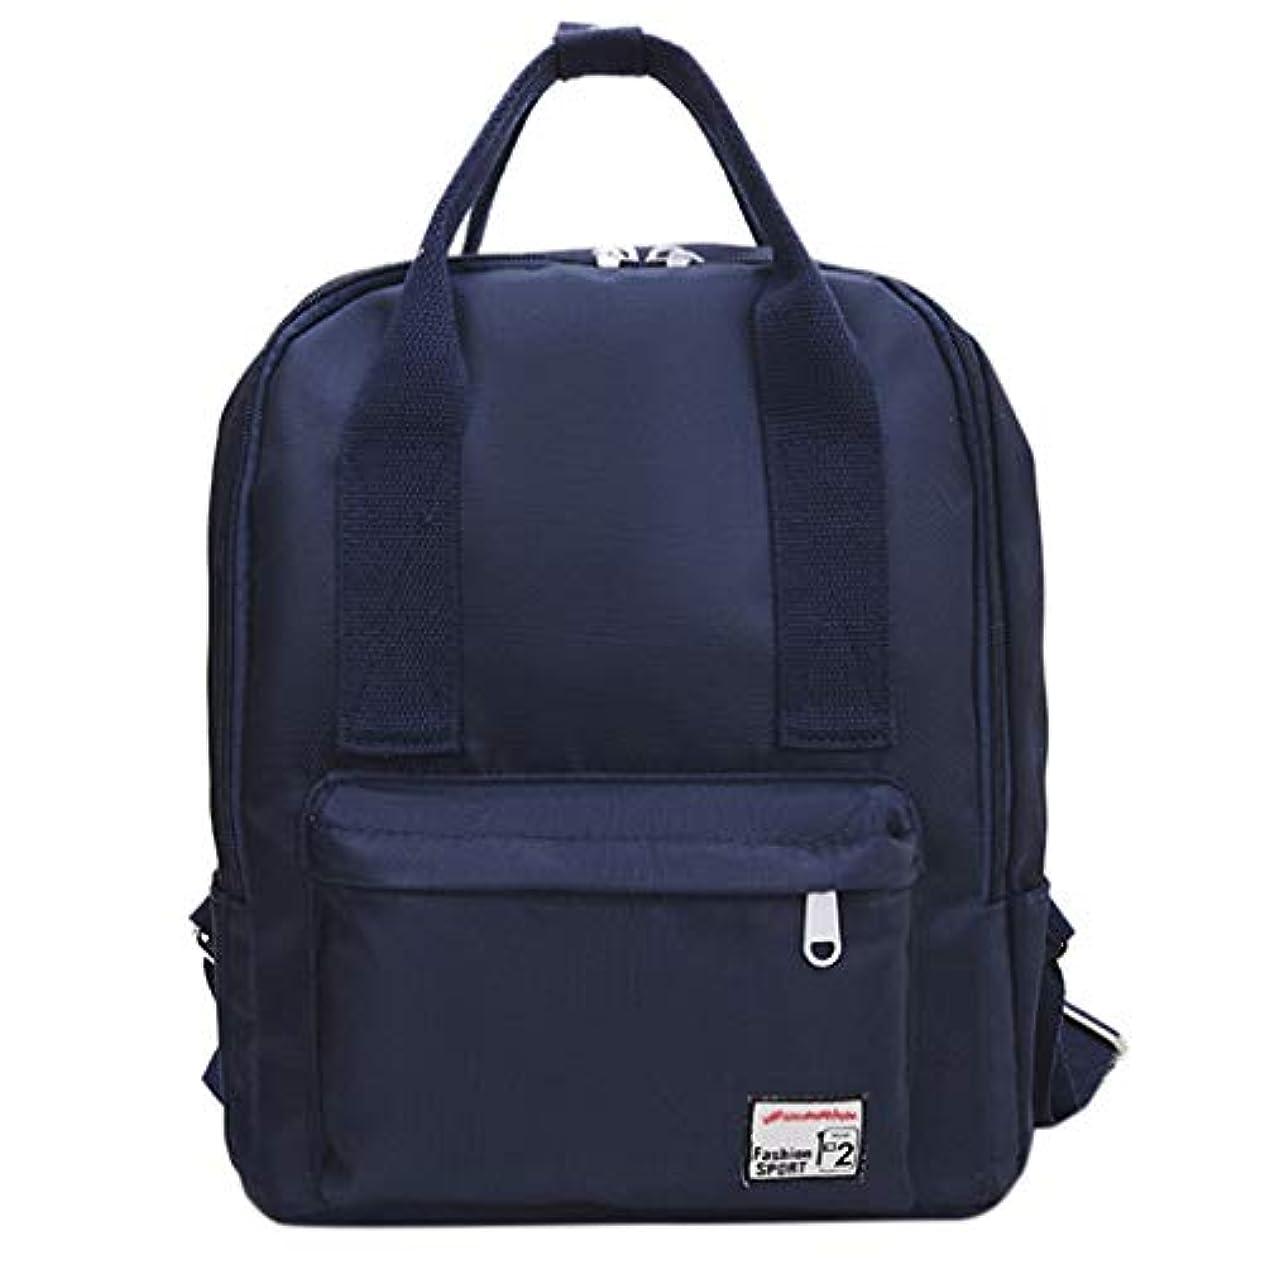 女の子屋外かわいいシンプルなナイロンバックパック、学生襟カラーアートバッグ屋外軽量旅行ポータブル耐久性のあるバックパック